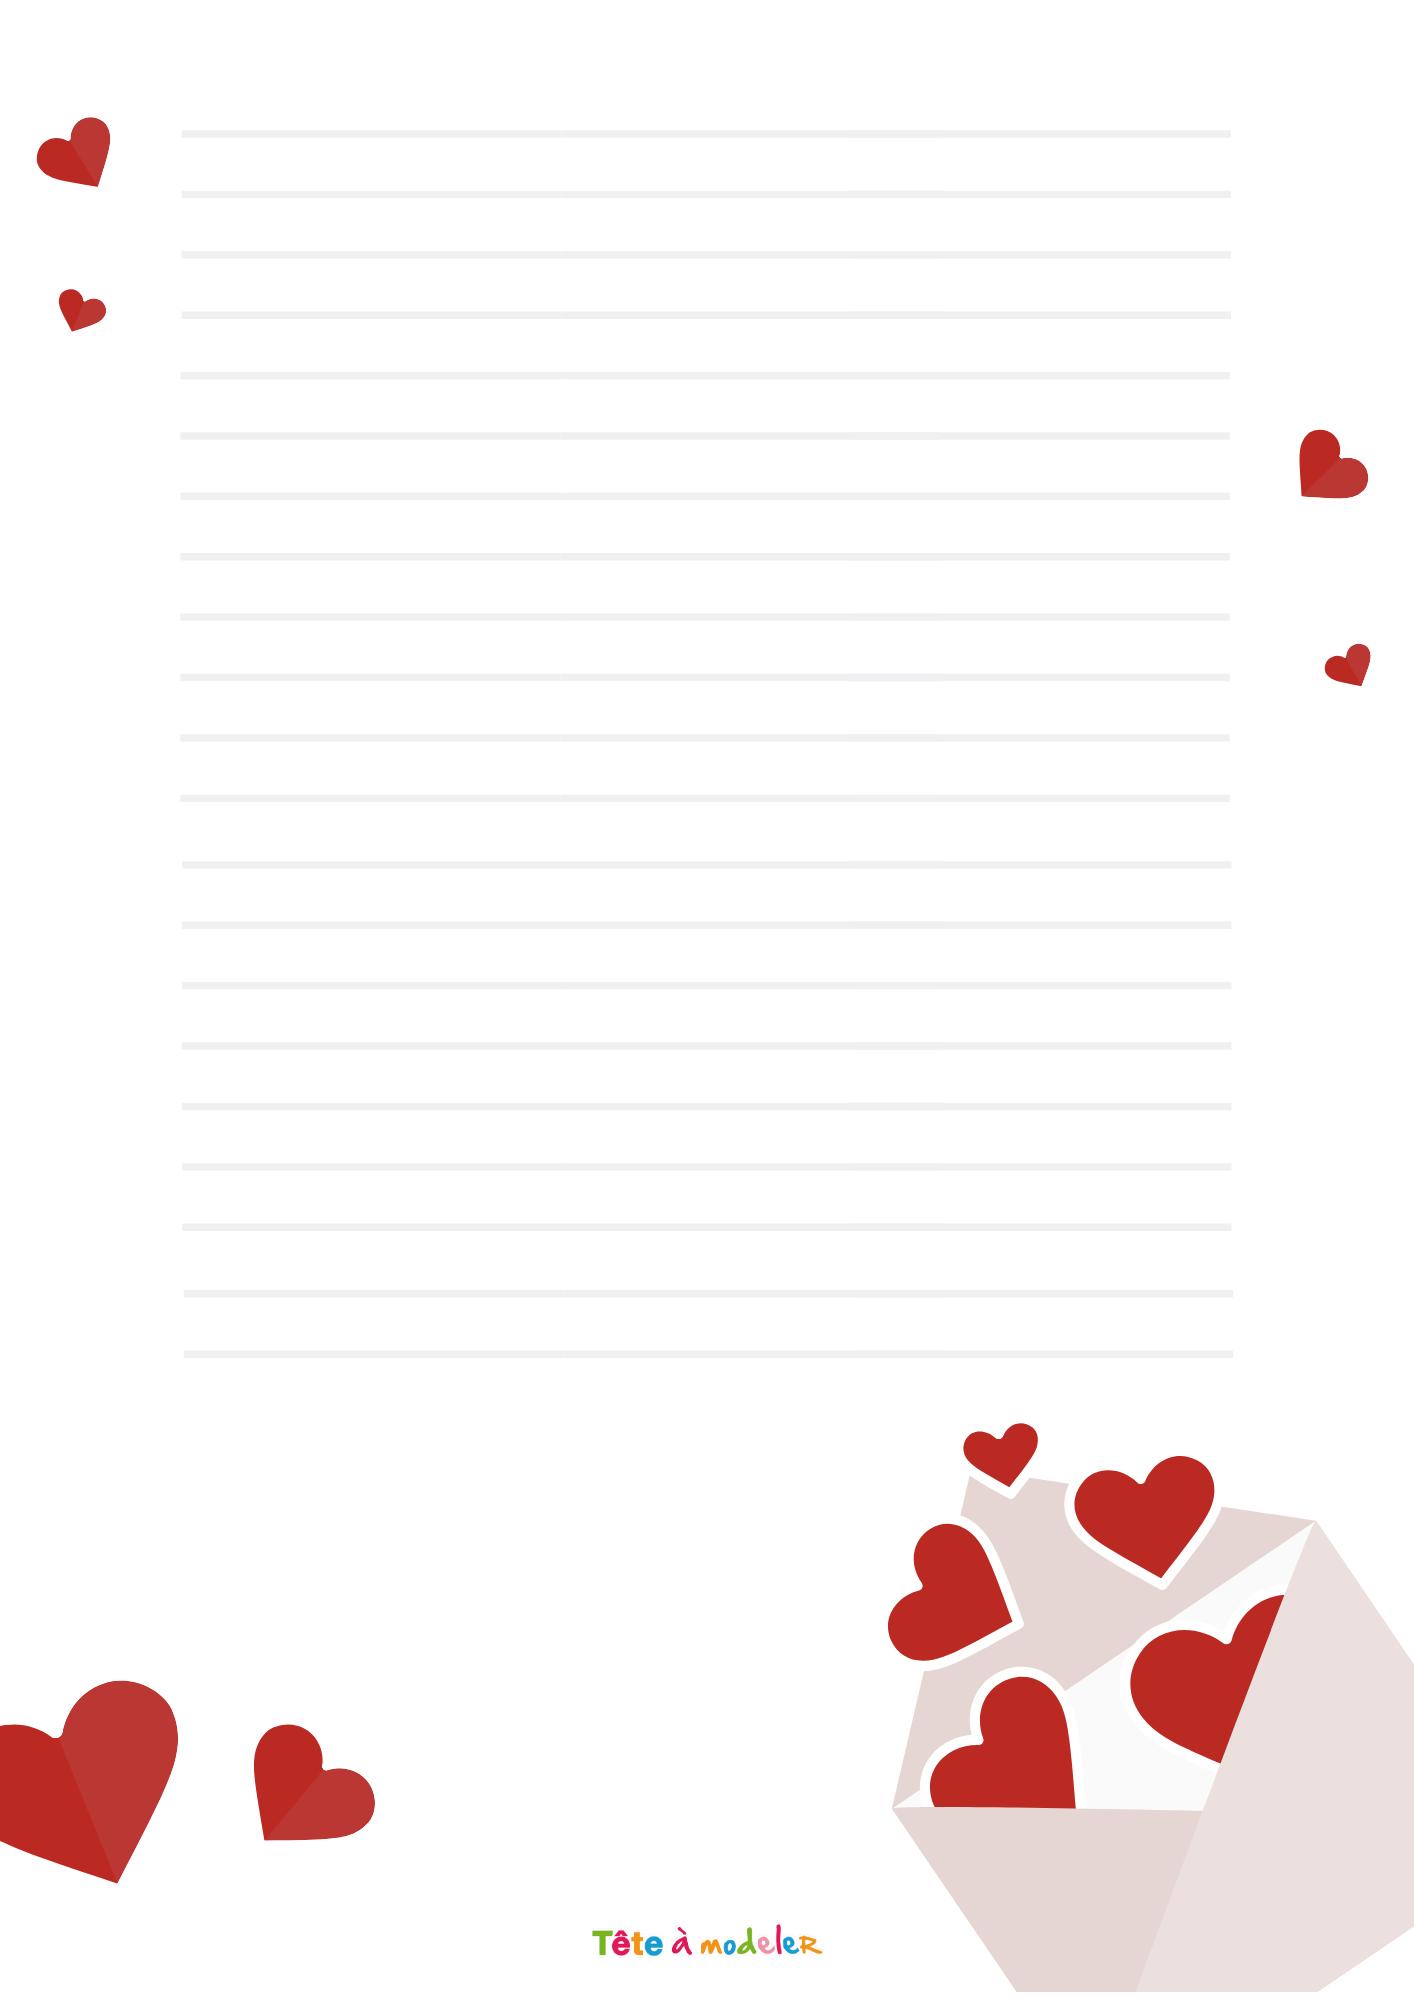 Papier À Lettre Lettre D'amour - Tête À Modeler concernant Papier À Lettre Gratuit À Imprimer